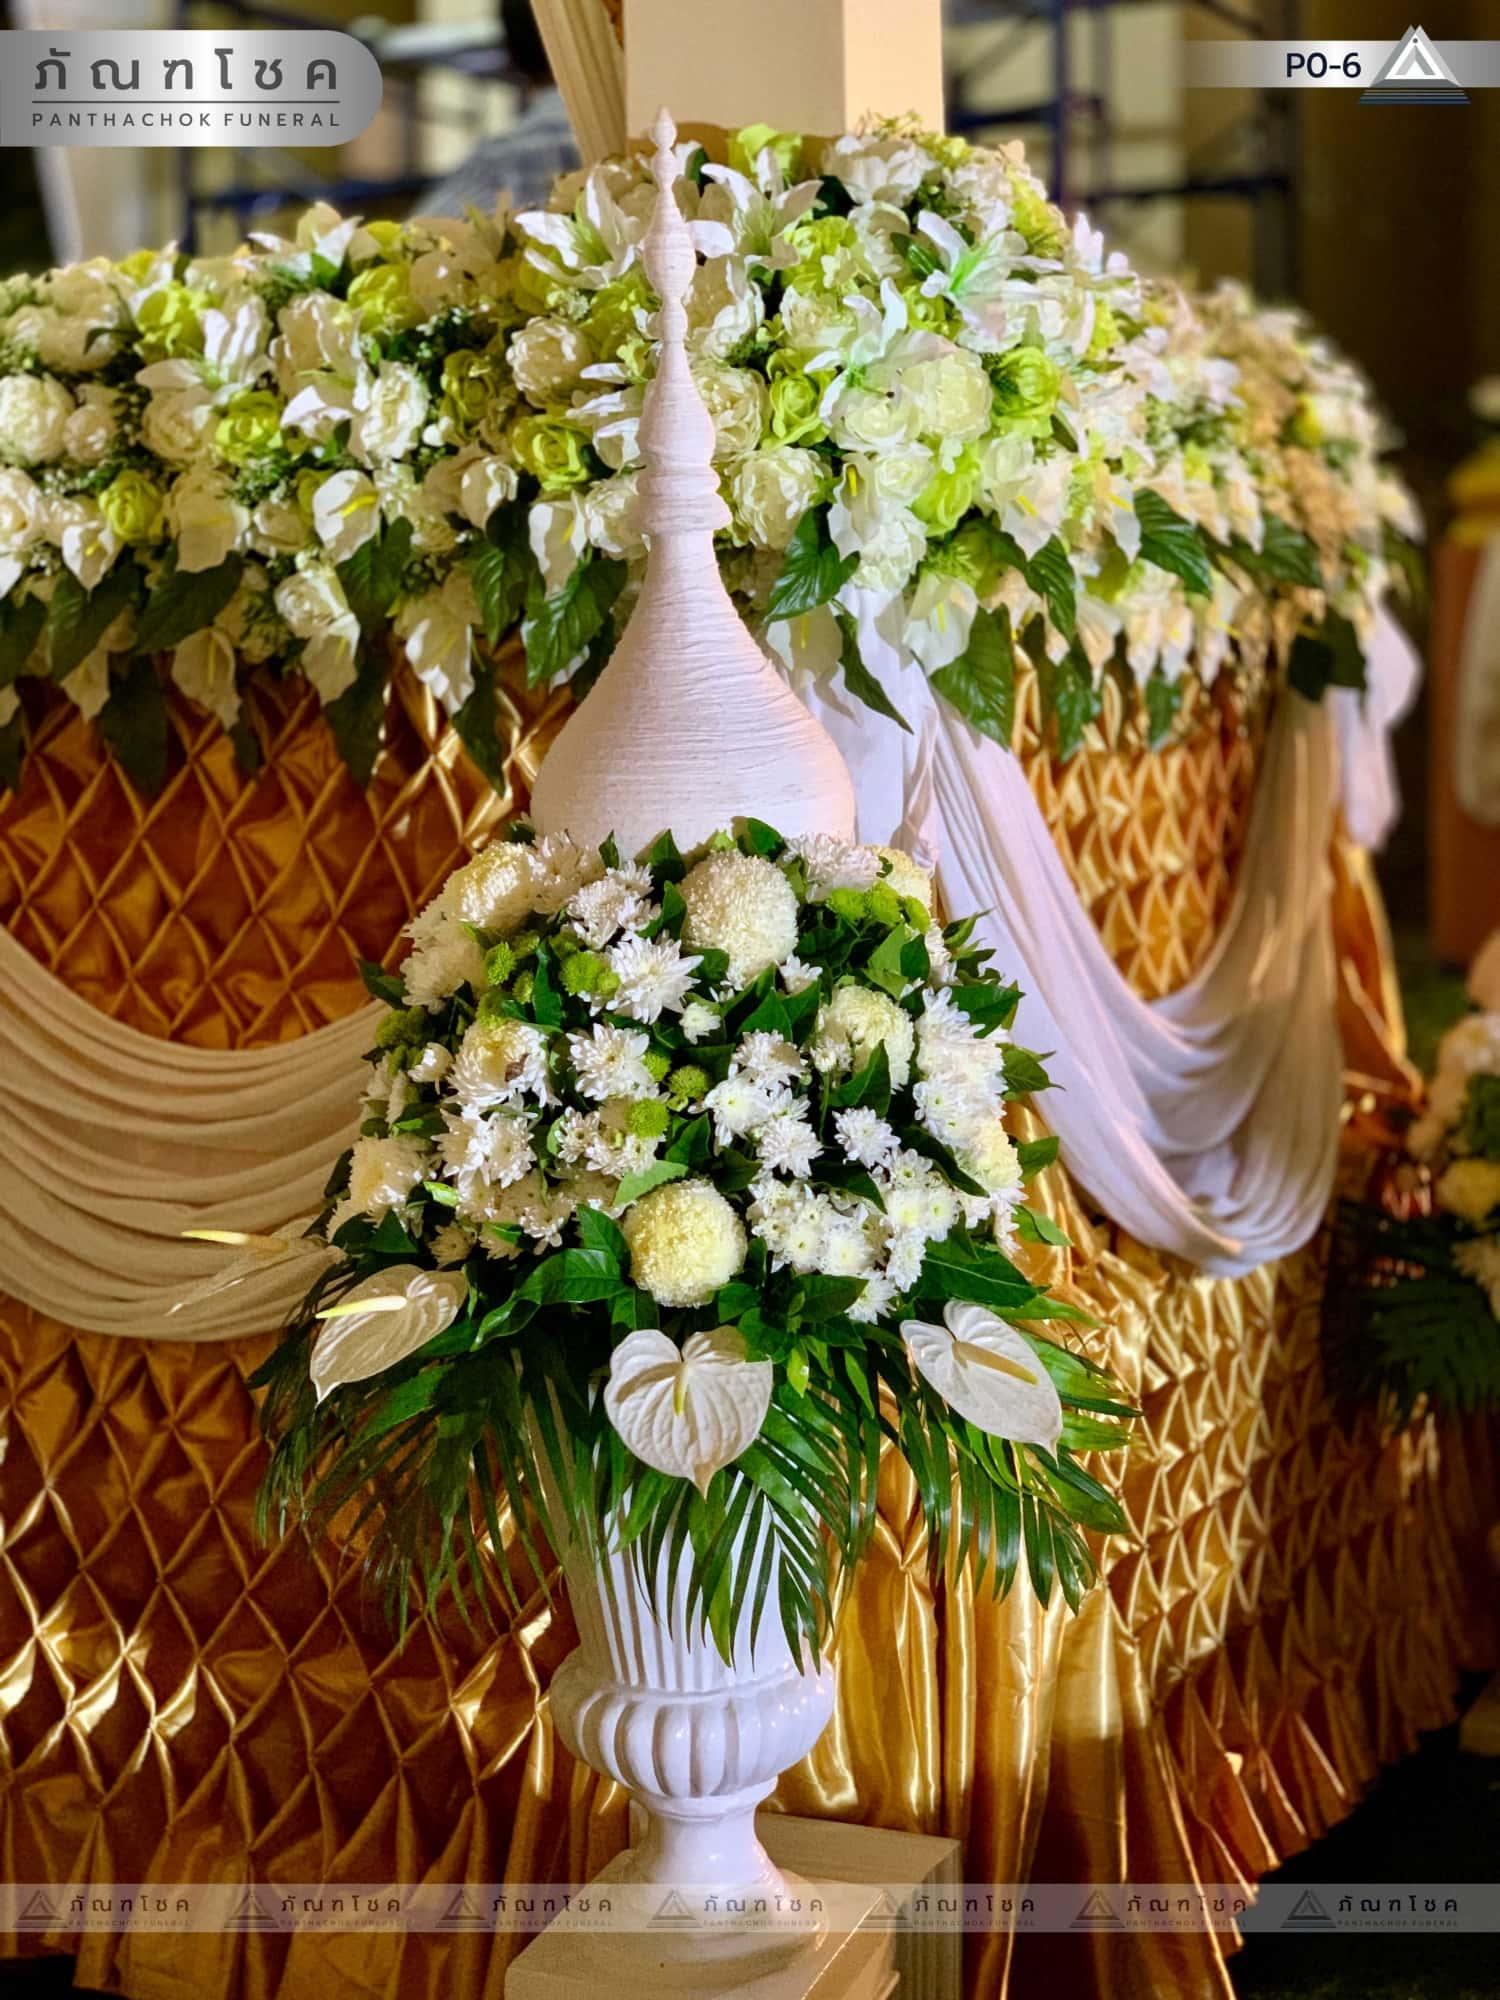 ดอกไม้ประดับเมรุ ชุด P0-6 180